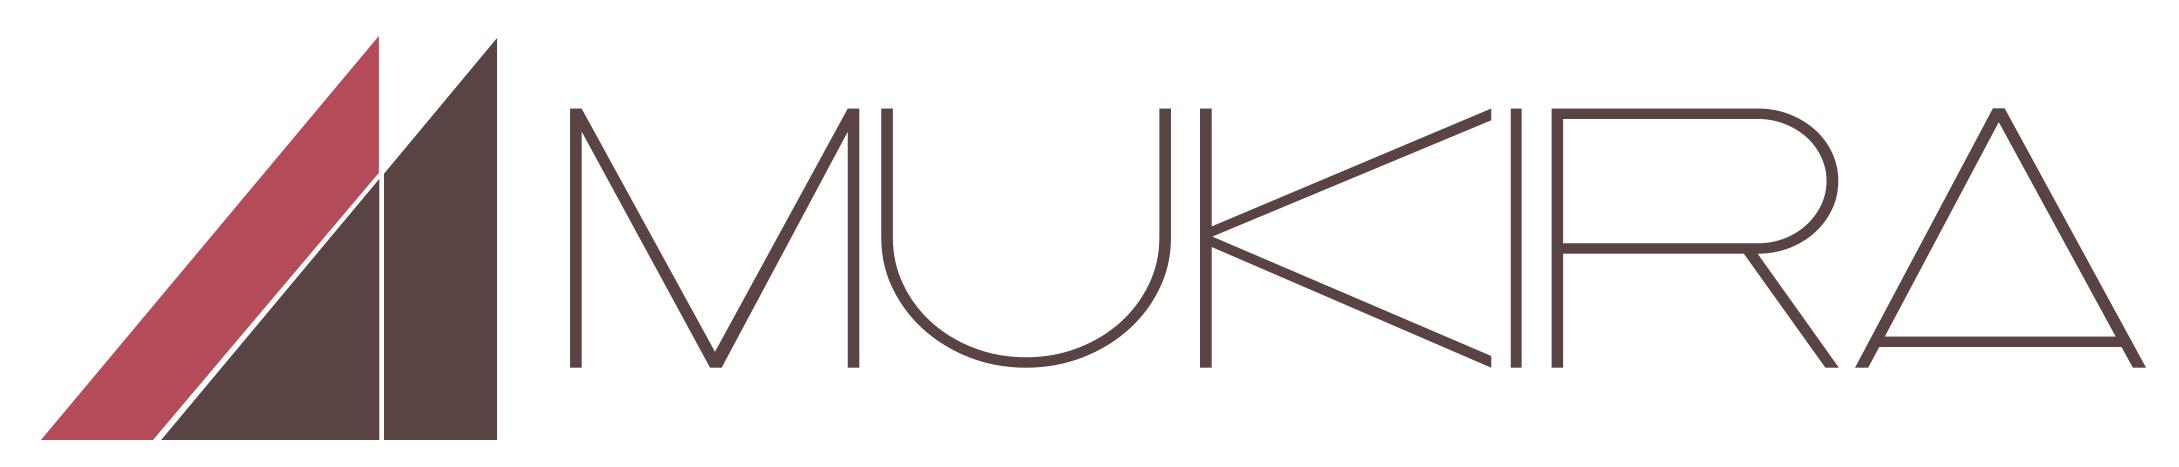 Logotipo Mukira Horizontal